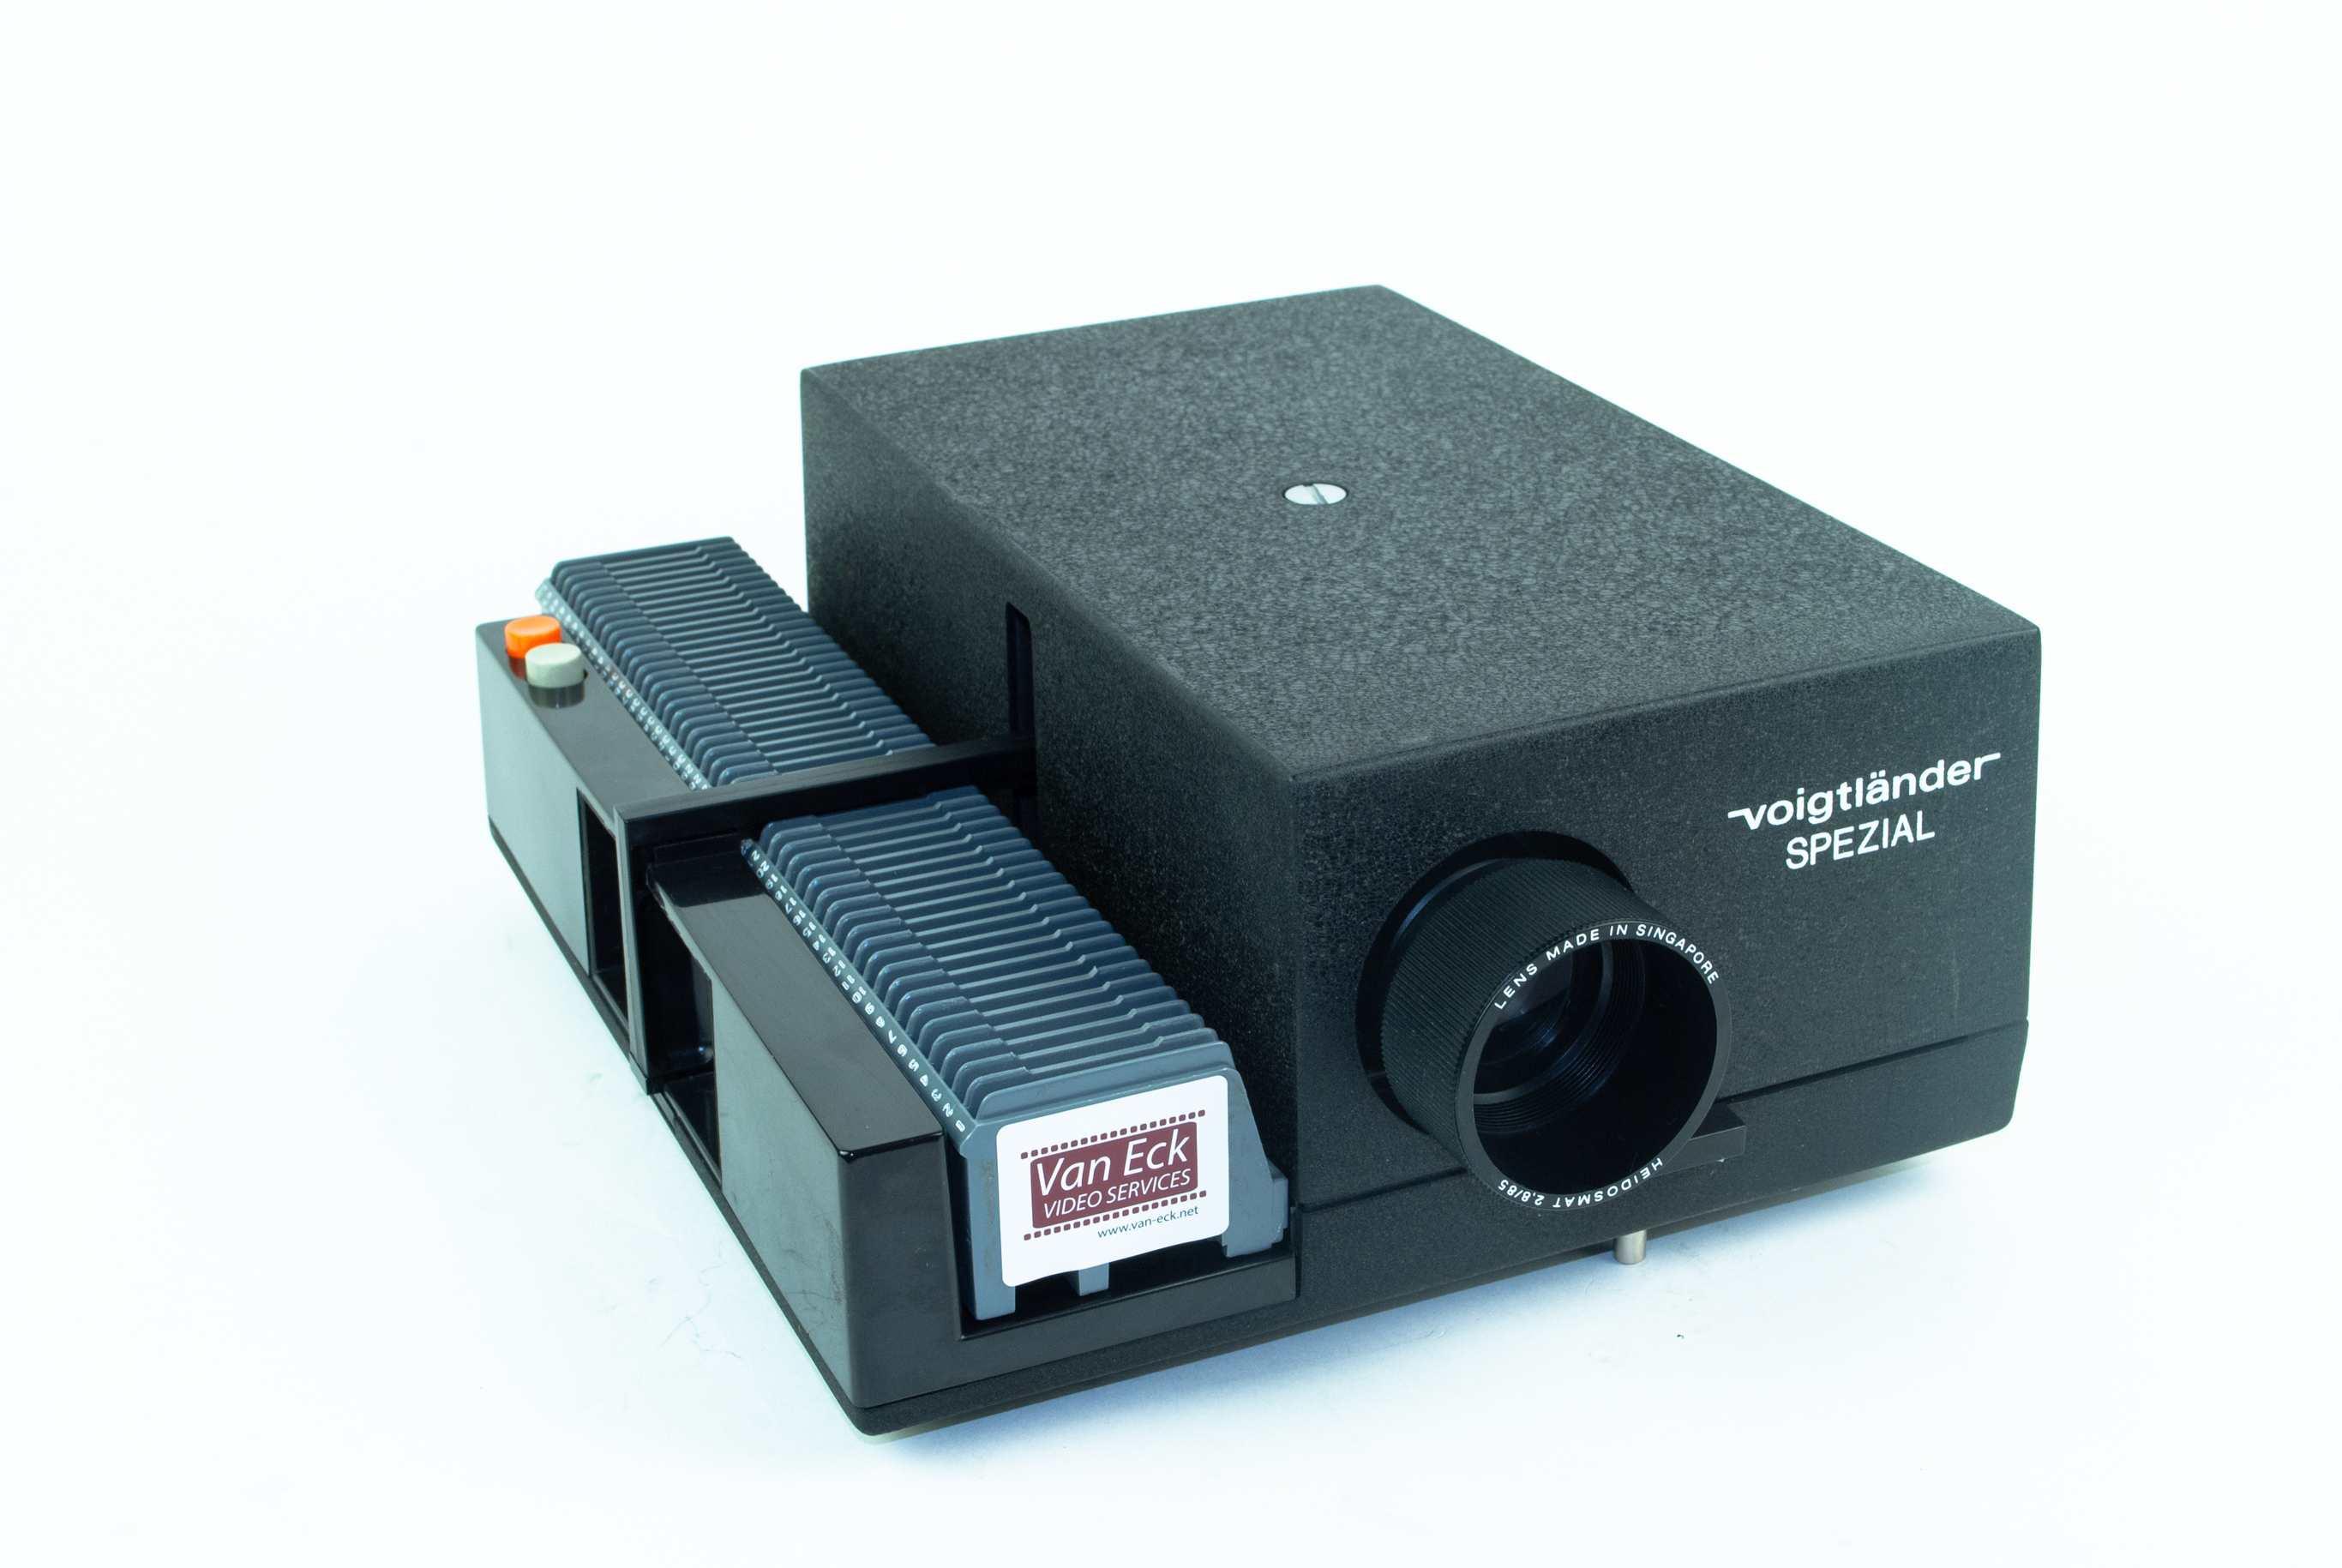 24V 150W Projector Lamp for Voigtlander VP135 AF slide projector